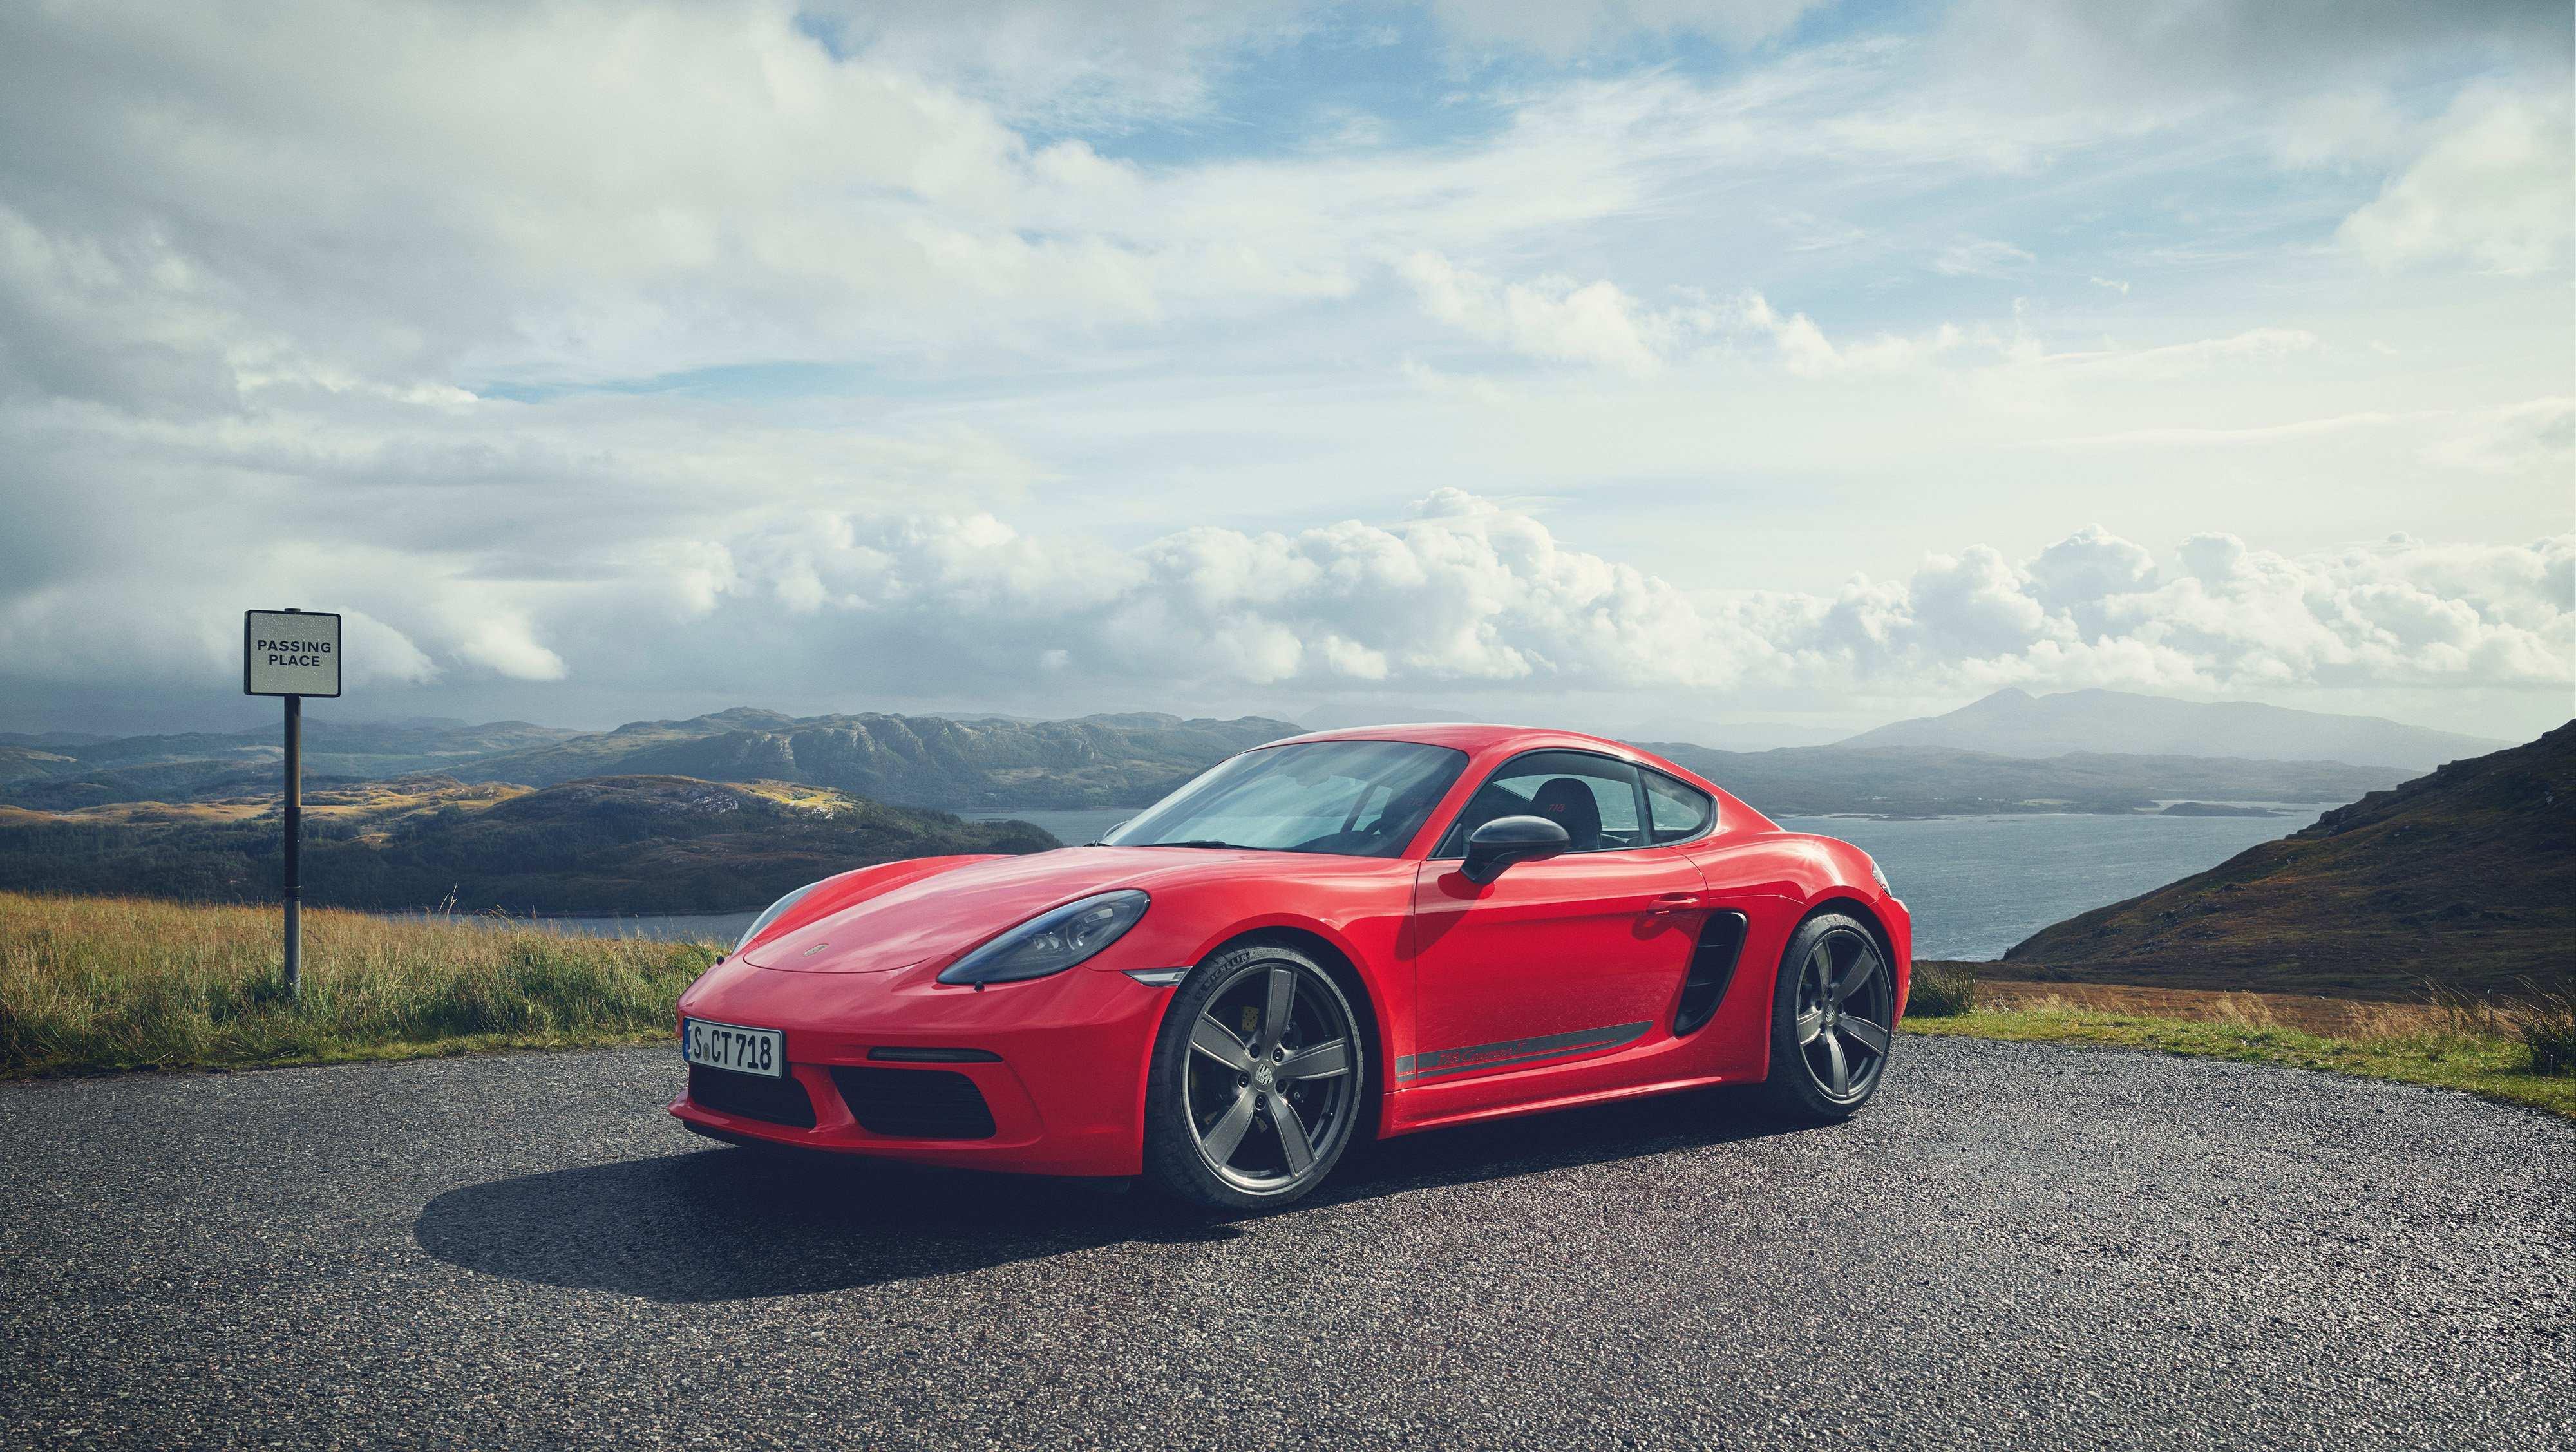 33 All New 2020 Porsche 718 Cayman Research New for 2020 Porsche 718 Cayman